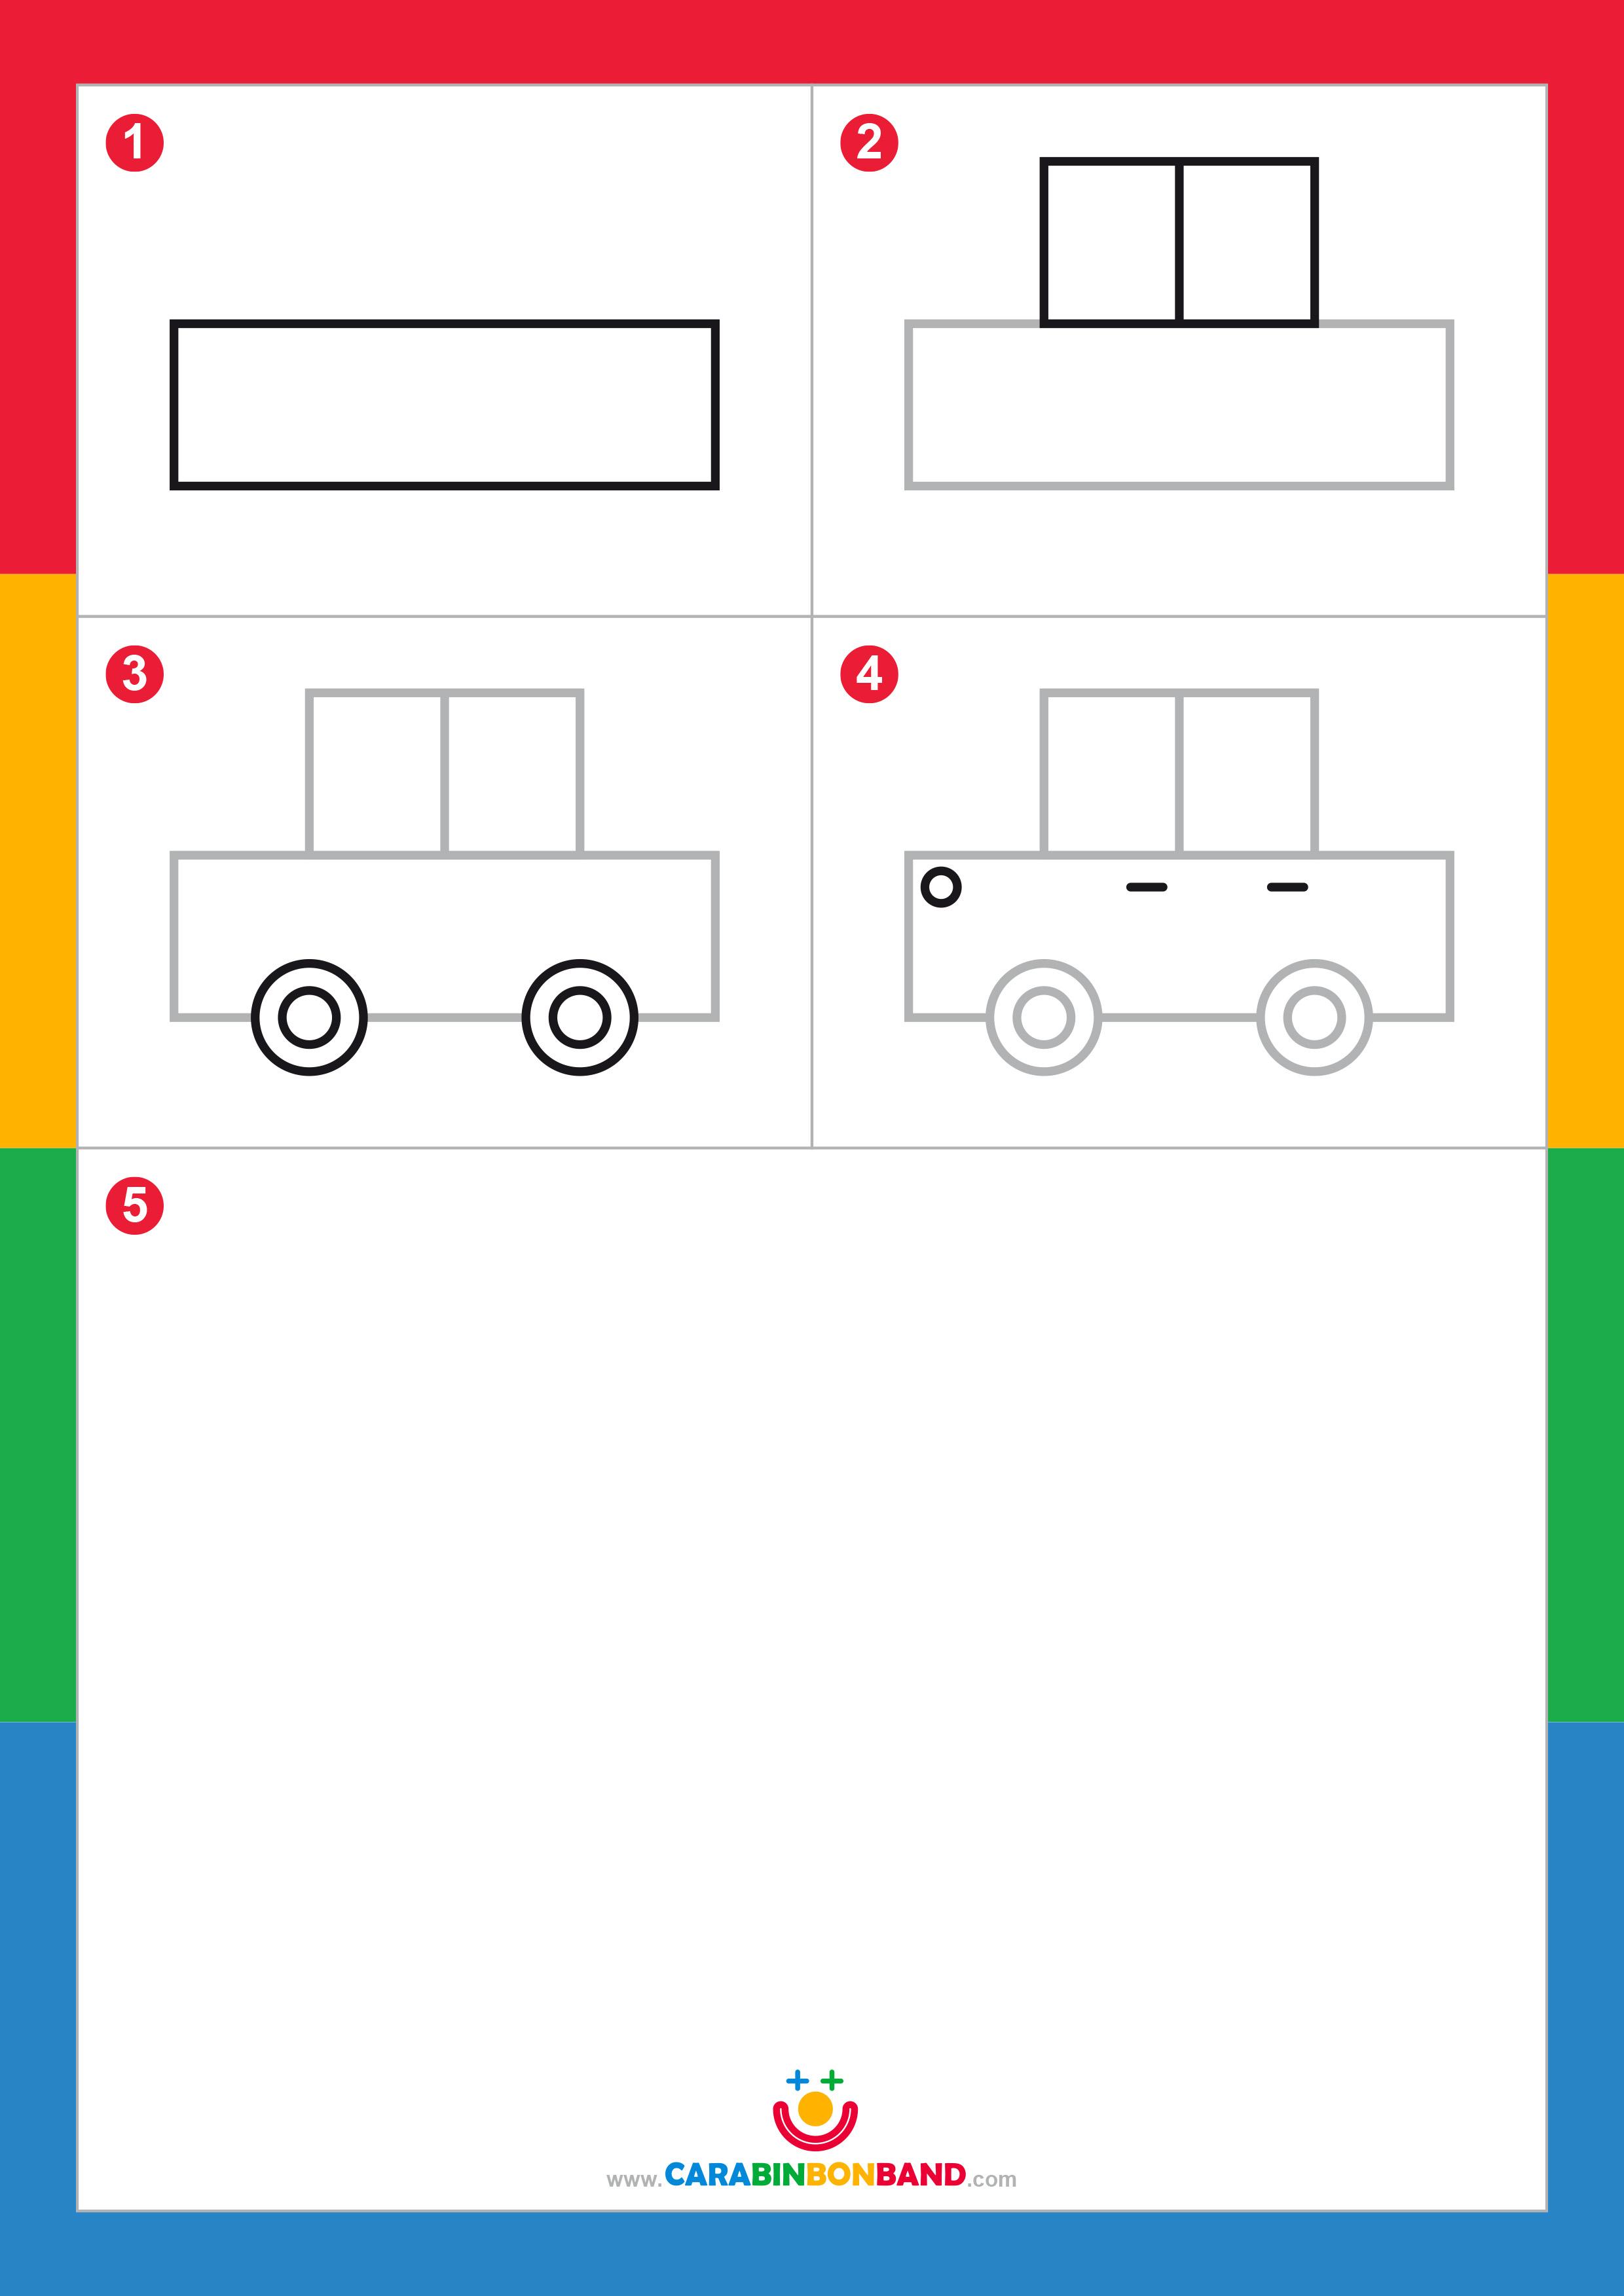 Dibujos Fáciles Cómo Dibujar Un Coche Fácil Para Niños Cara Bin